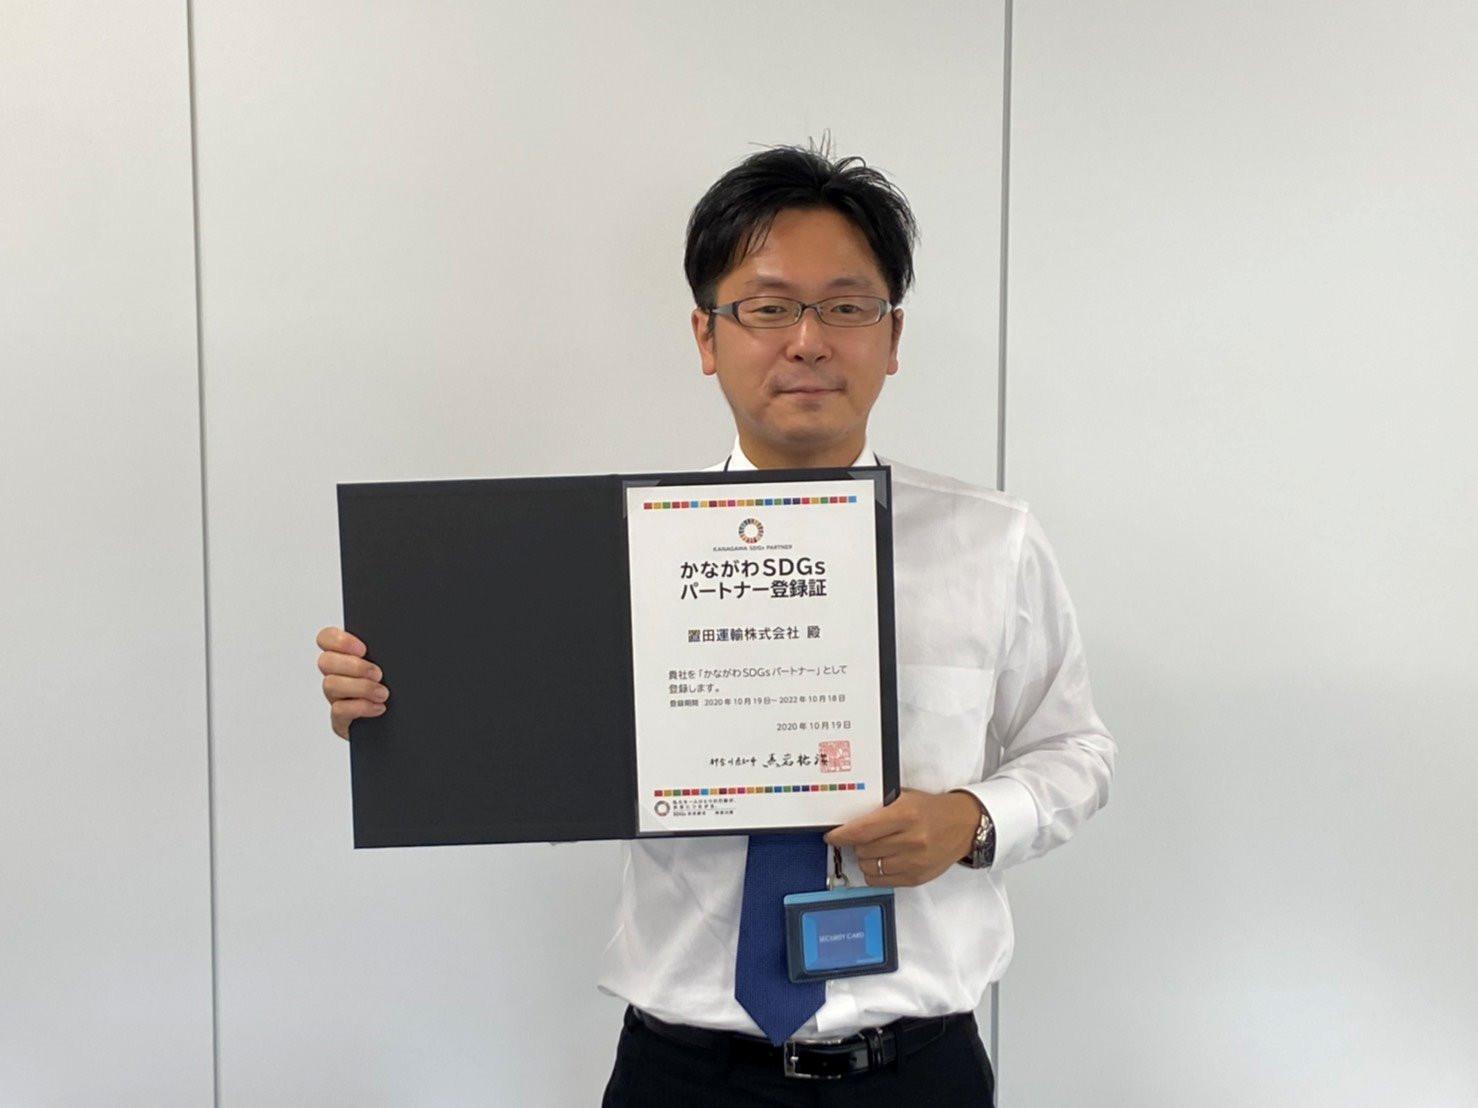 神奈川SDGsパートナー登録